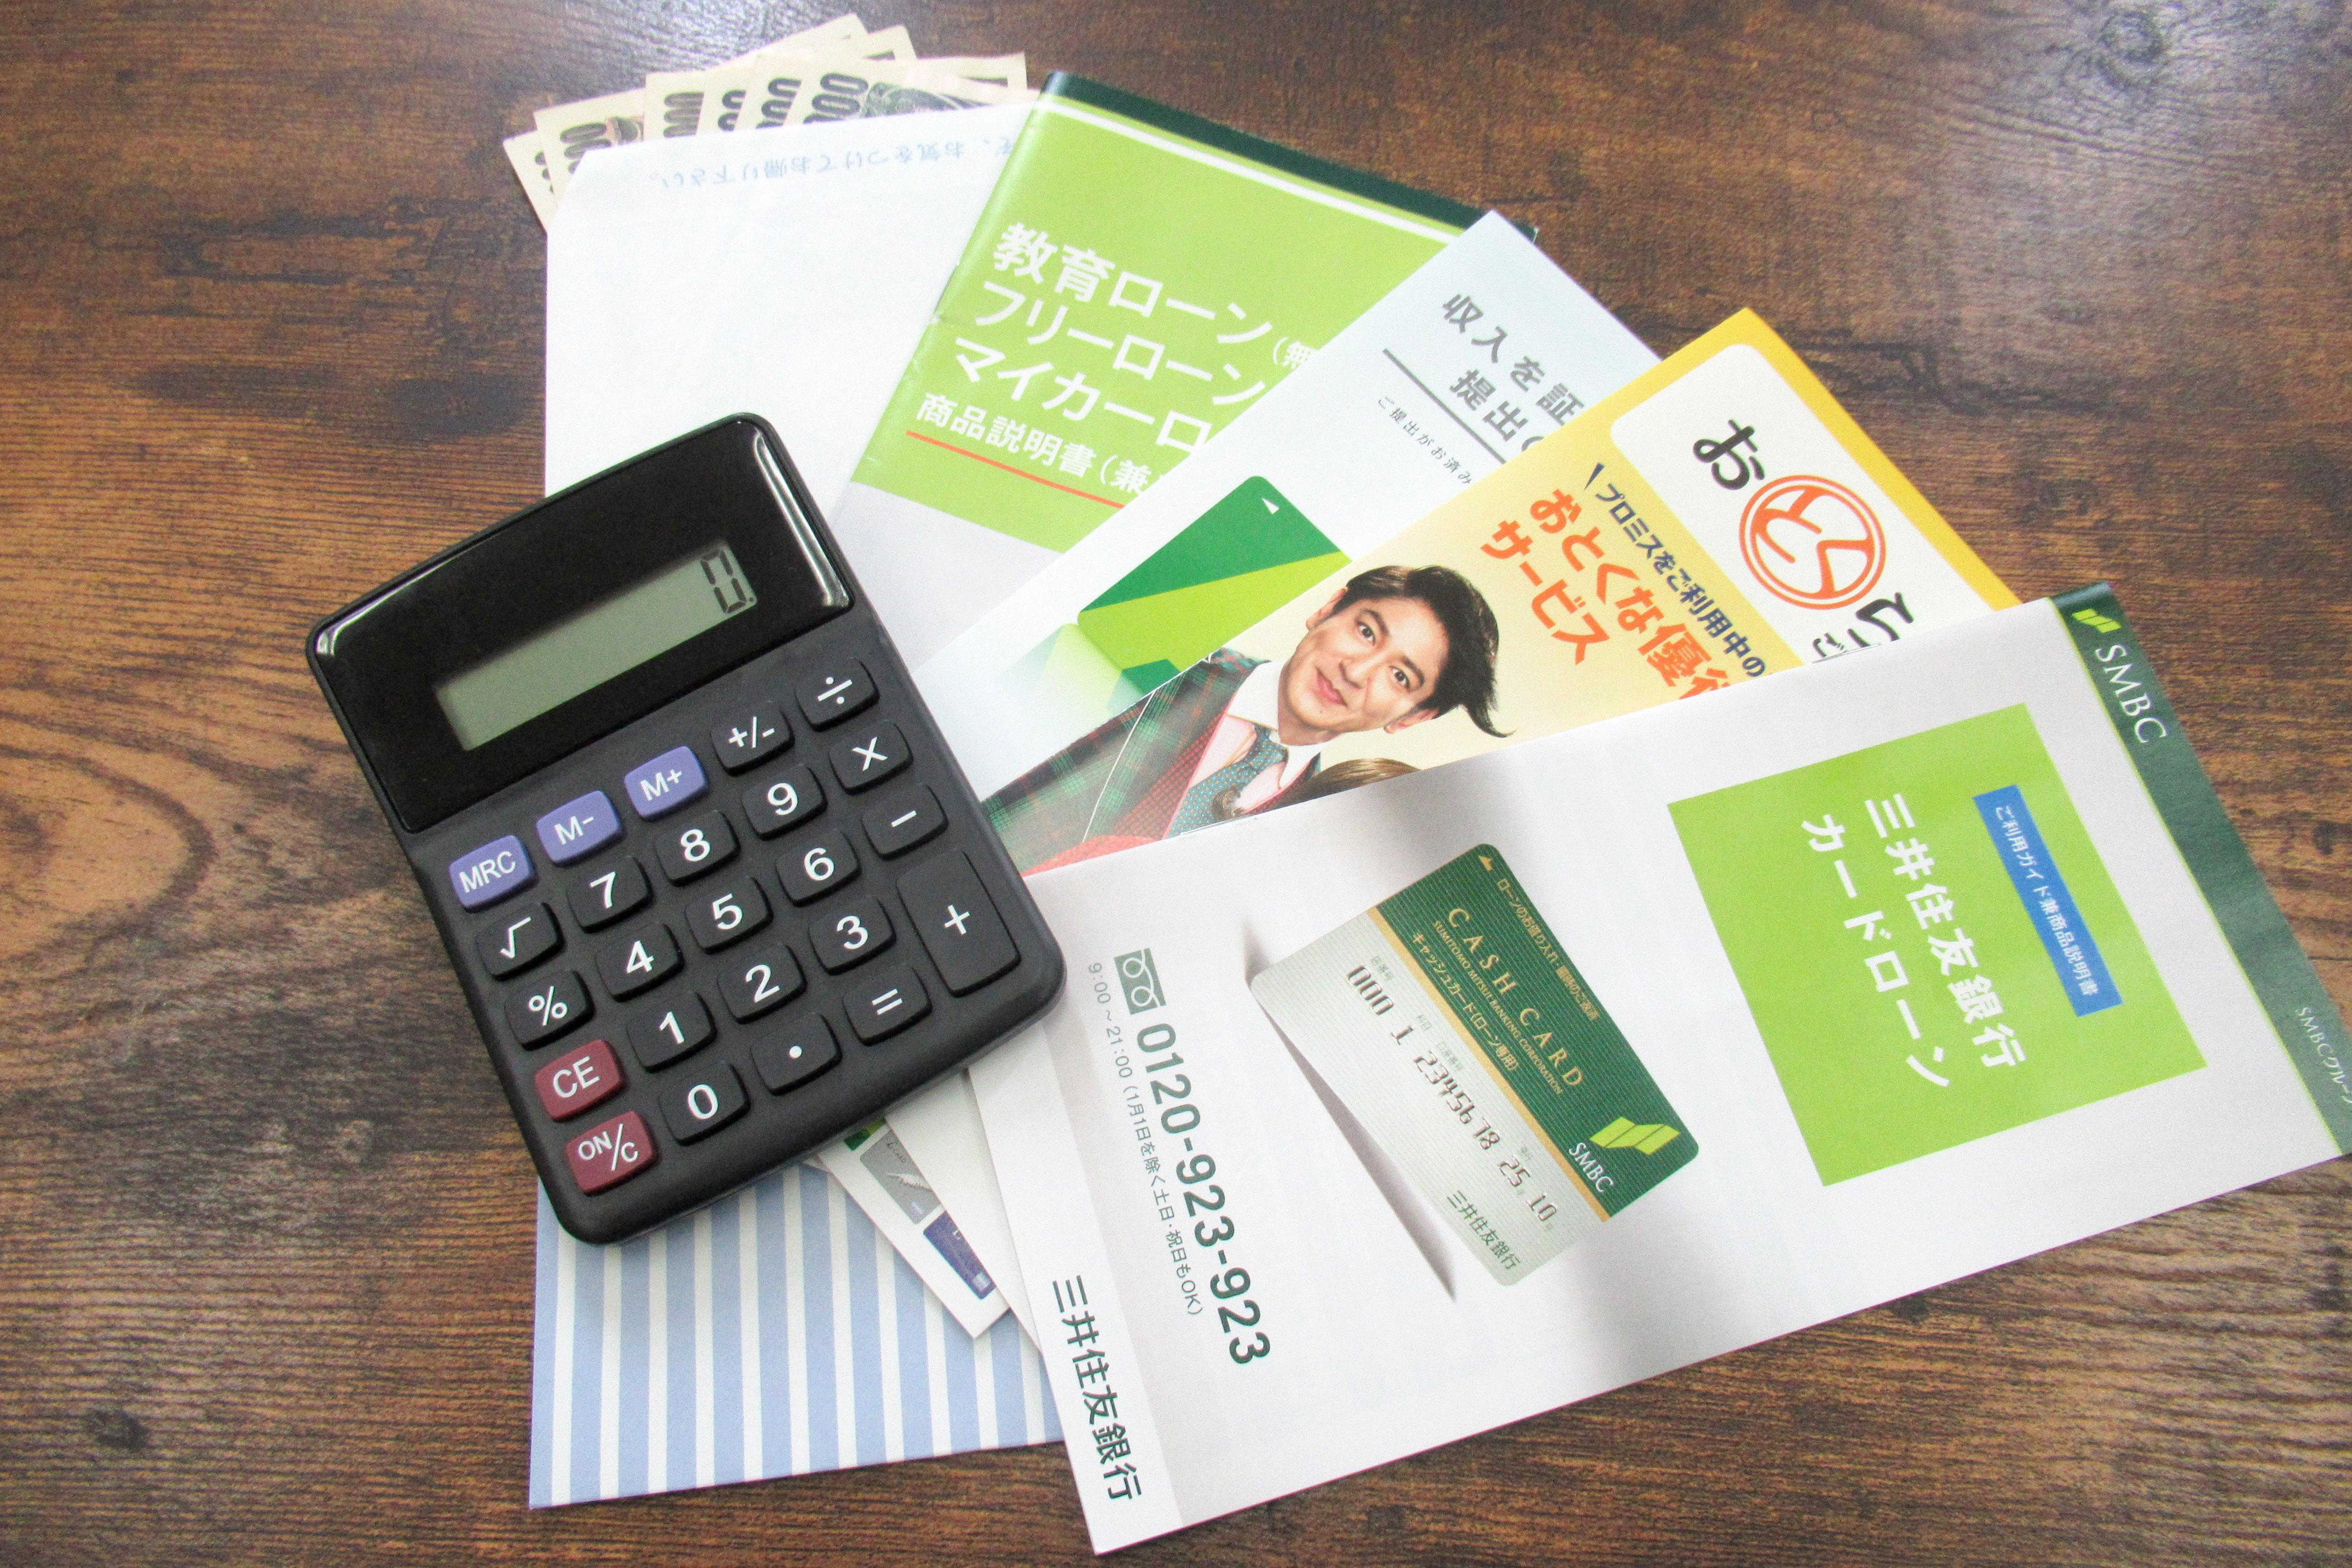 消費者金融のパンフレットと電卓